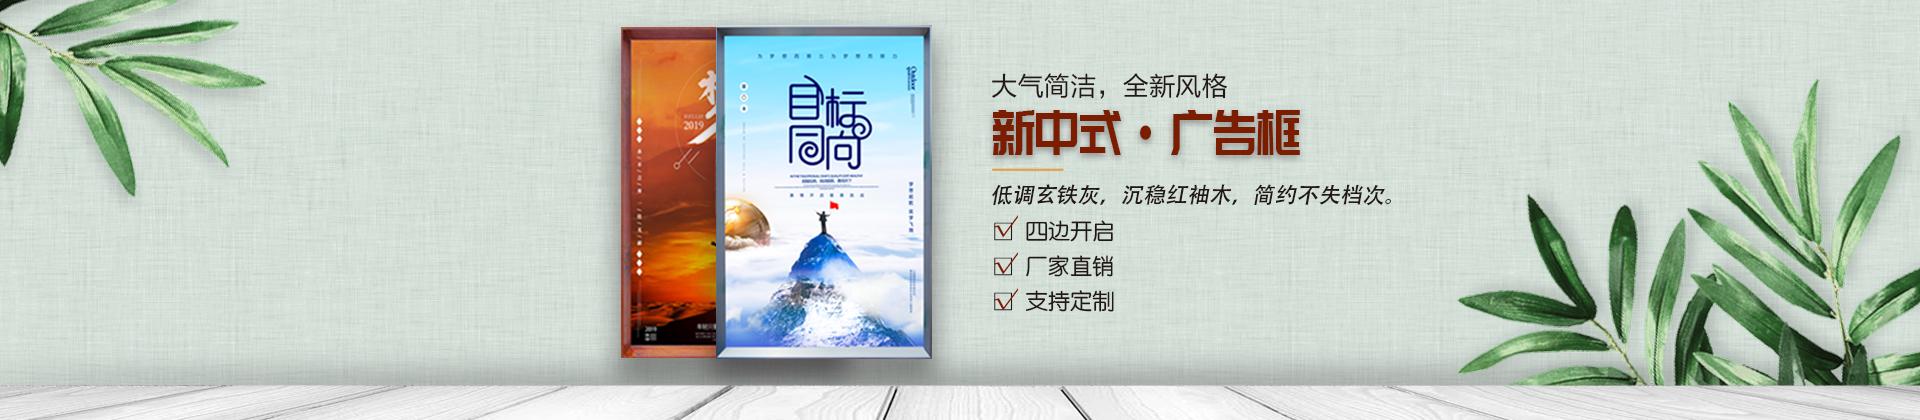 郑州钧道广告器材有限公司